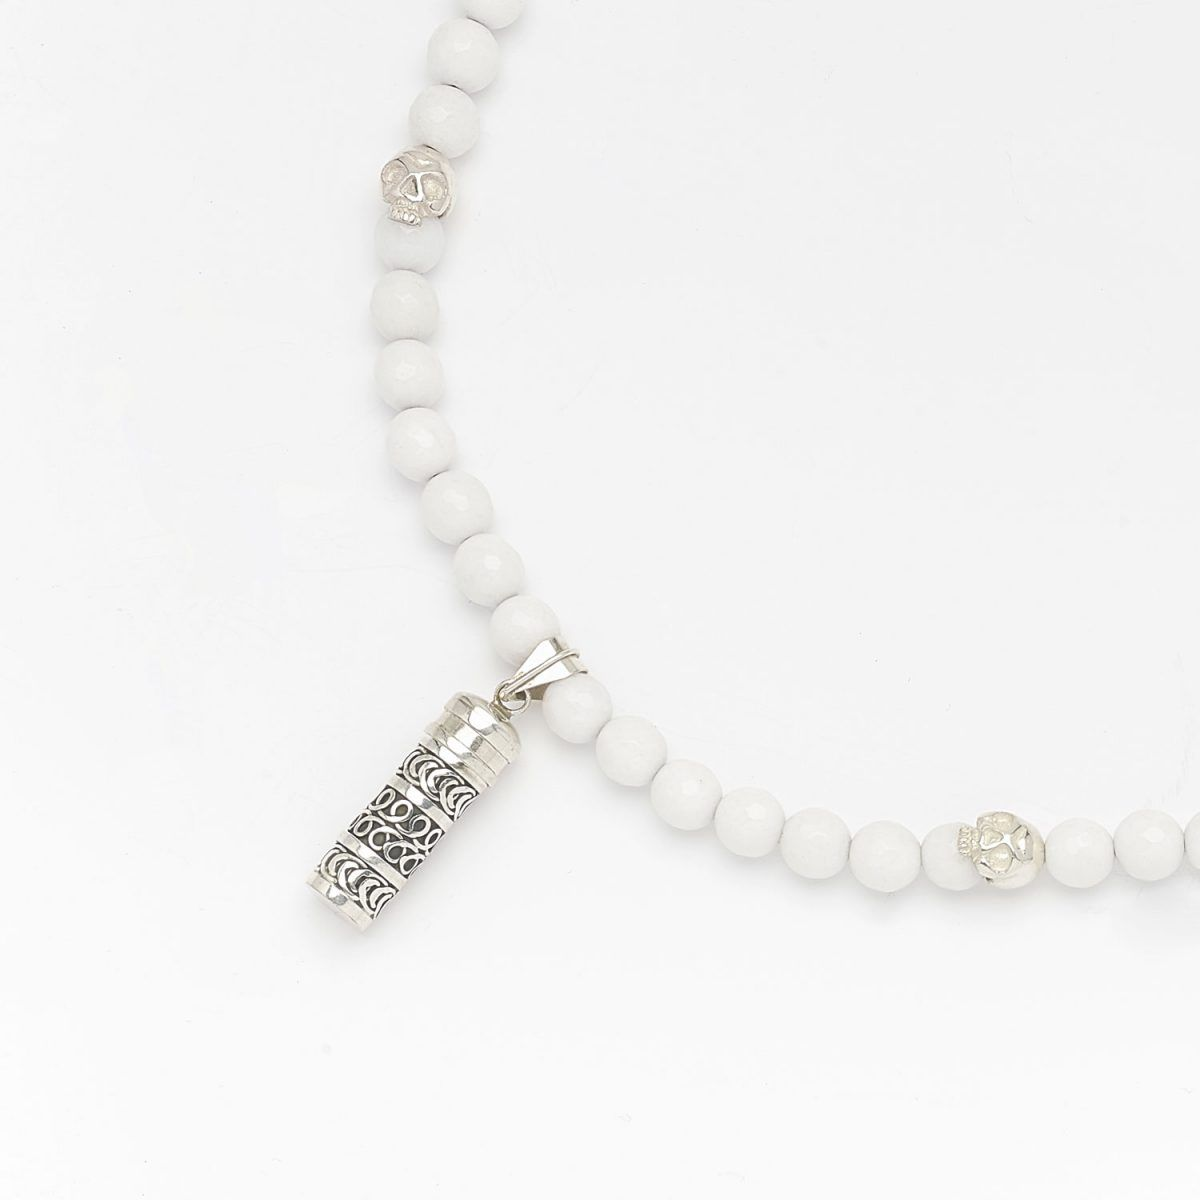 Collier bouddhiste perles de quartz blanc en argent massif (925) Perle de Jade